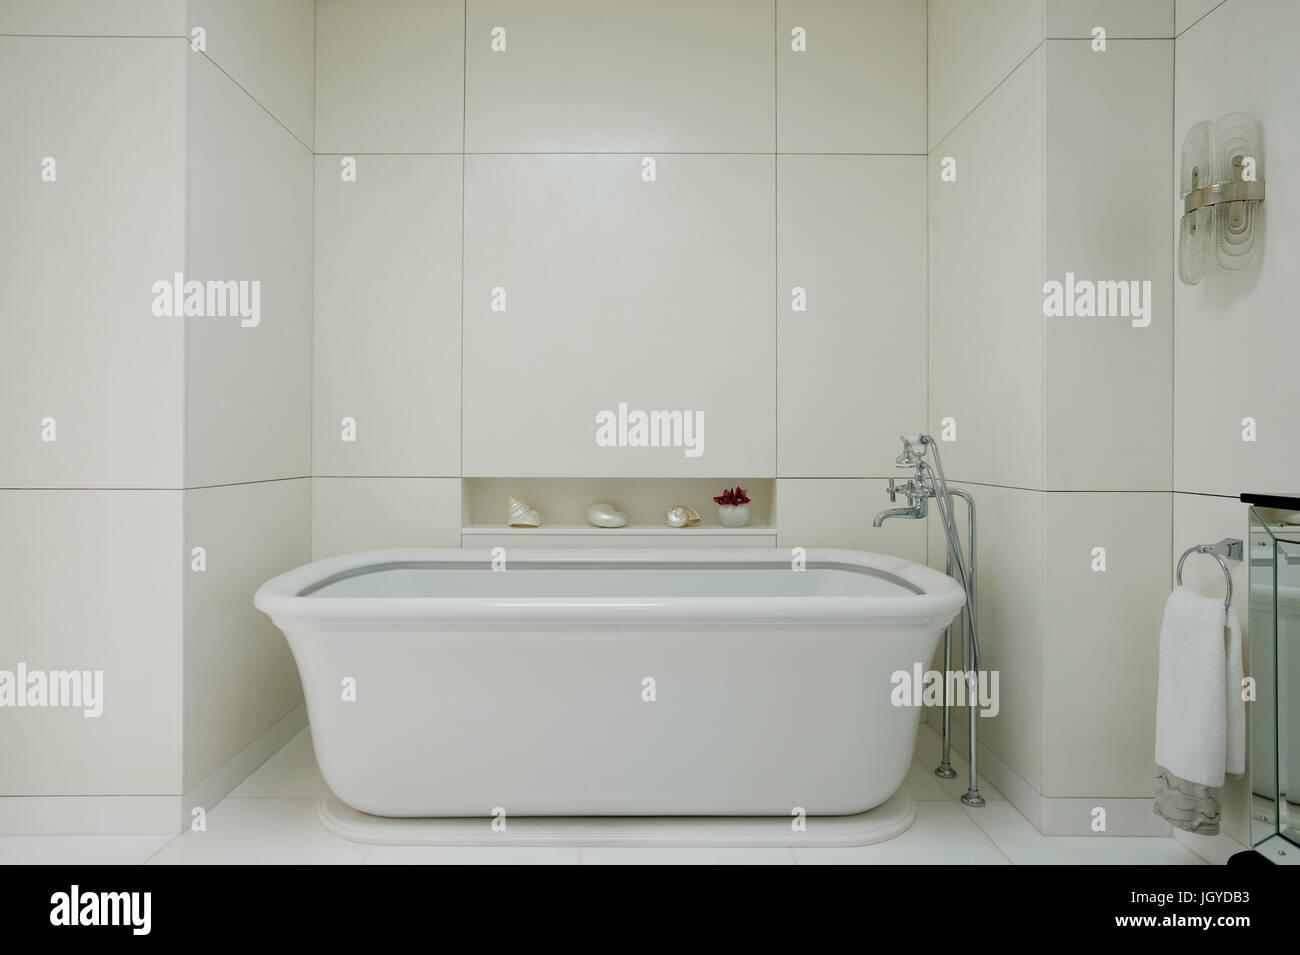 White bathroom - Stock Image